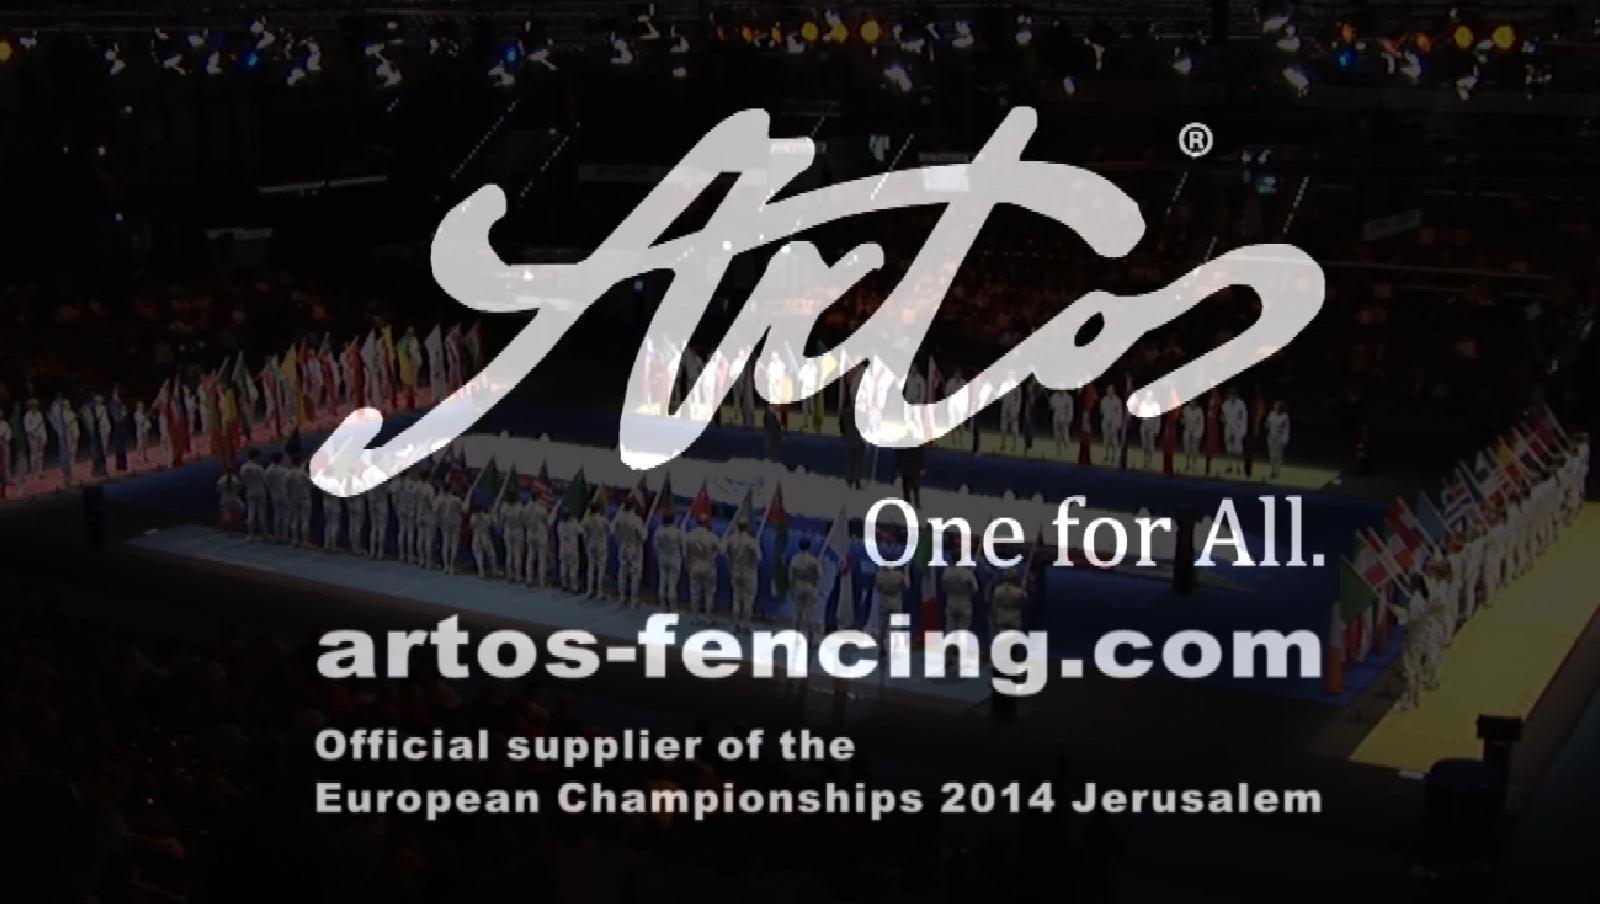 ARTOS 2014 - JUNIOREN UND KADETTEN EUROPAMEISTERSCHAFT JERUSALEM